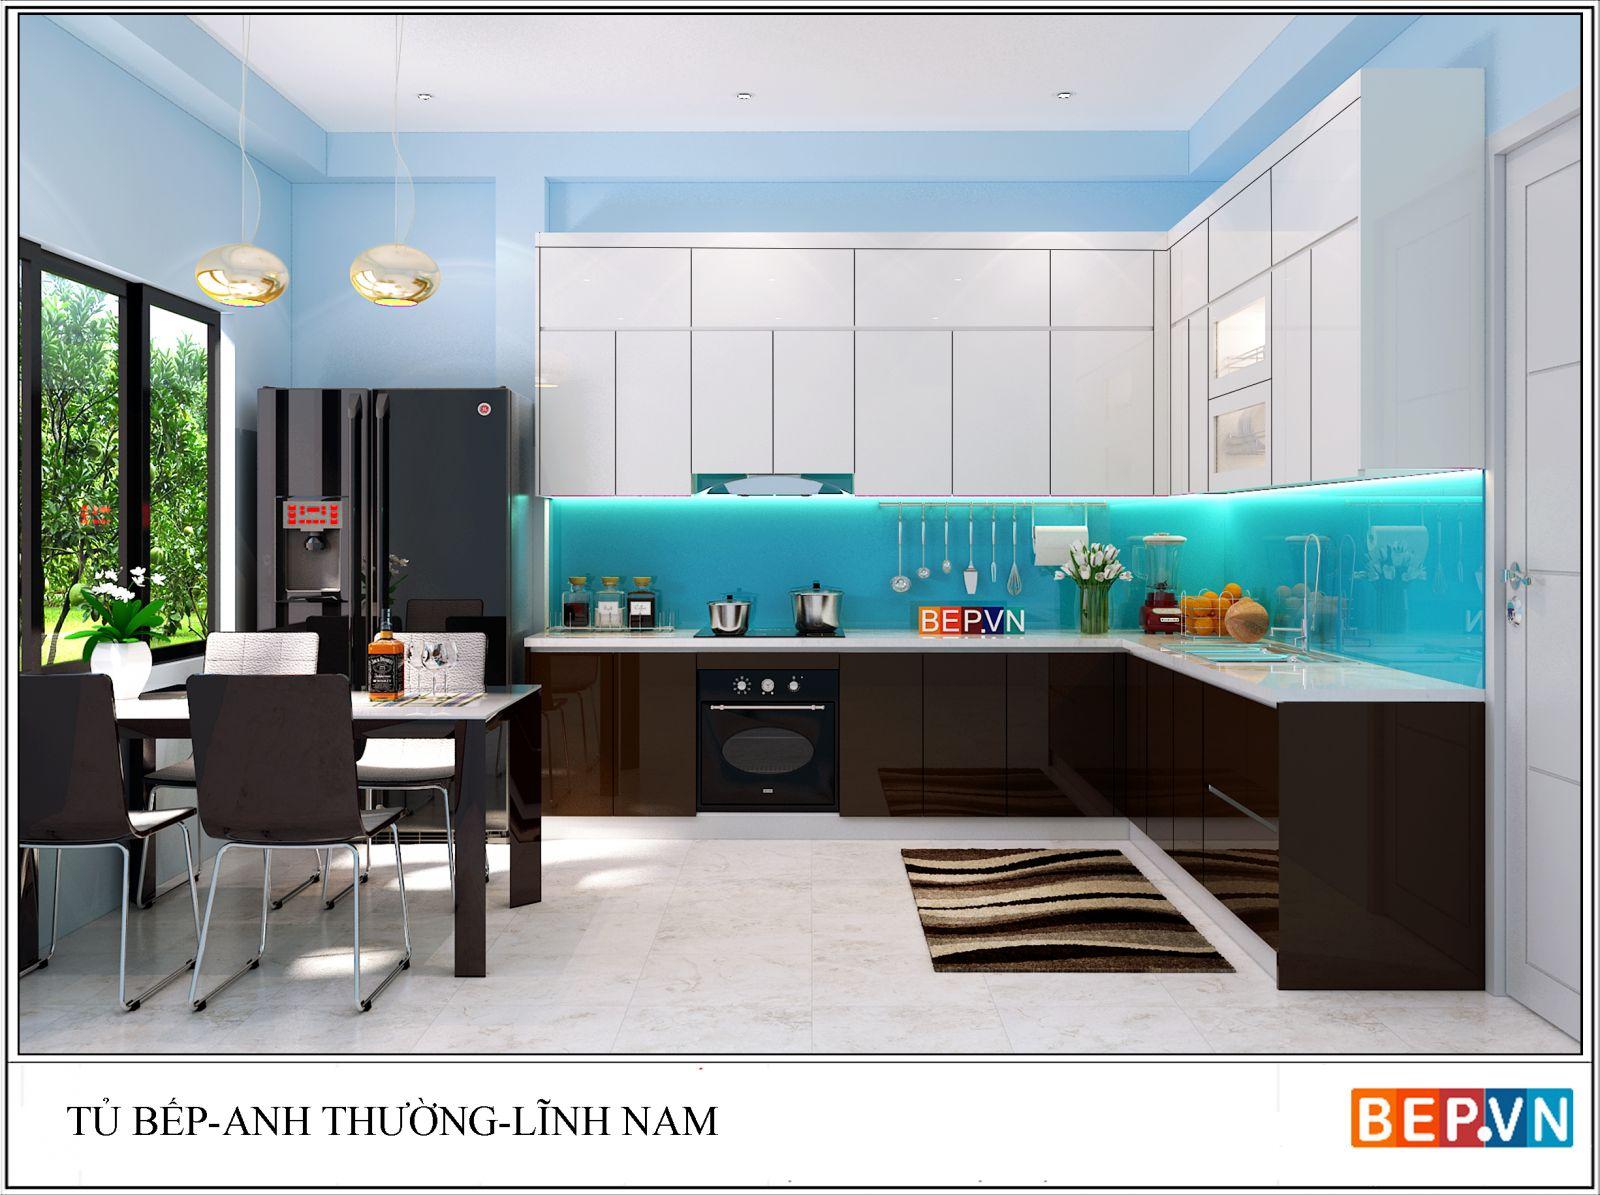 Hệ thống tủ bếp Acrylic chữ L là lựa chọn số 1 cho mọi không gian với mong muốn có được sự sang trọng hiện đại và thoáng đãng.